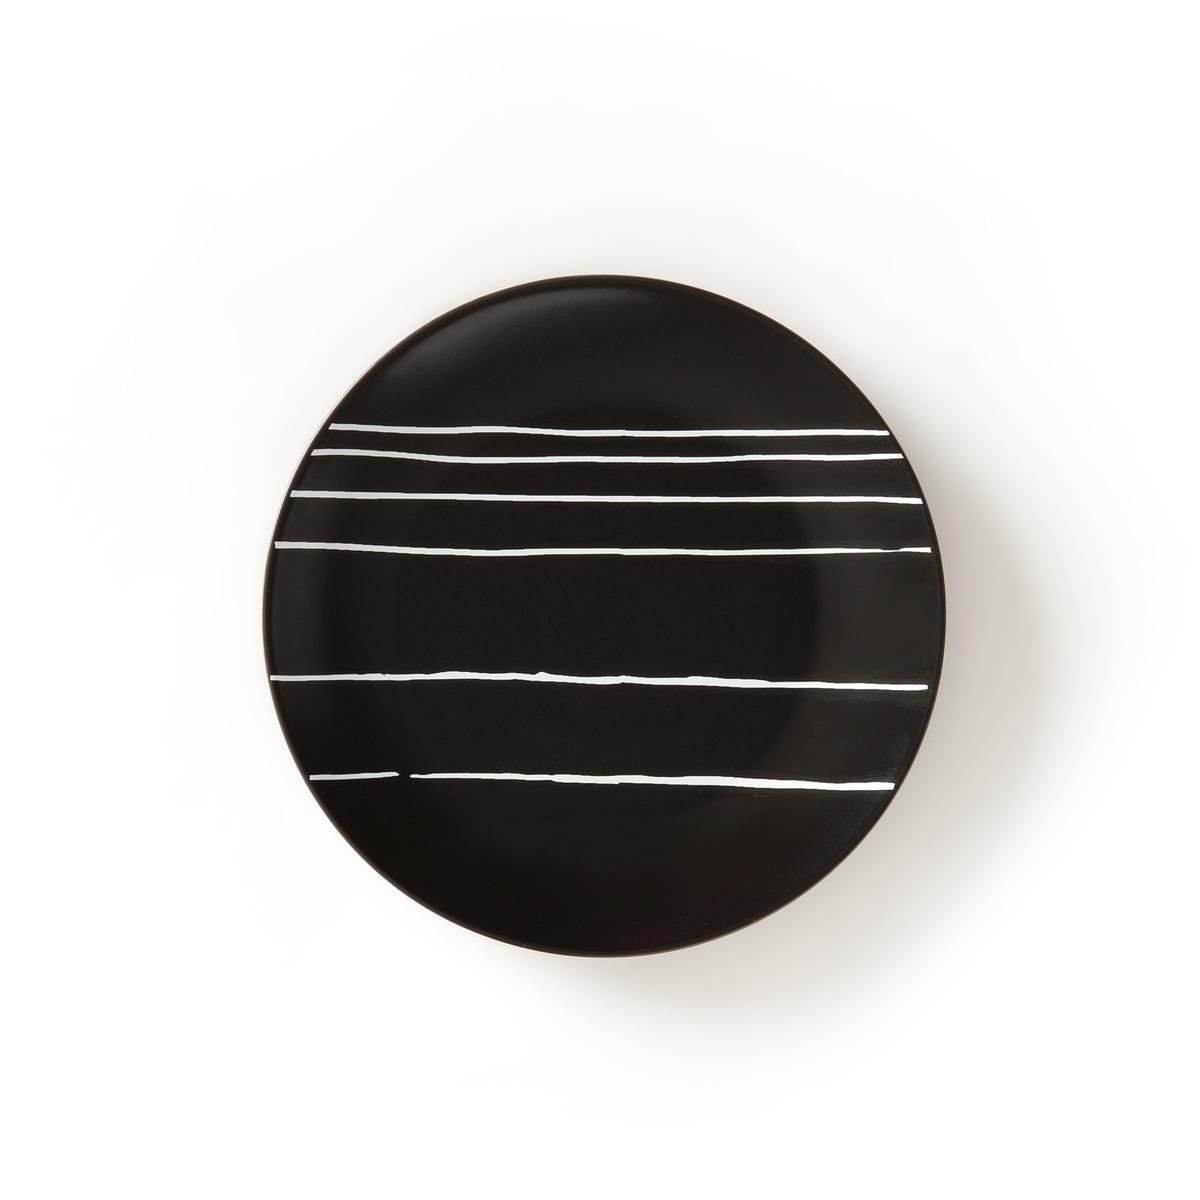 4 тарелки десертные, TADSITПодчеркните ваши самые красивые кулинарные шедевры с помощью этой десертной тарелки из коллекции Tadsit ! Описание десертной тарелкиTadsit :Из тонкой керамики Стильный внешний вид черного цвета в белую полоску Можно использовать в посудомоечных машинах и микроволновых печахРазмеры десертной тарелки Tadsit :Диаметр : 20 смНайдите коллекцию Tadsit на сайте laredoute .ru !<br><br>Цвет: наб. рисунок черный/ белый